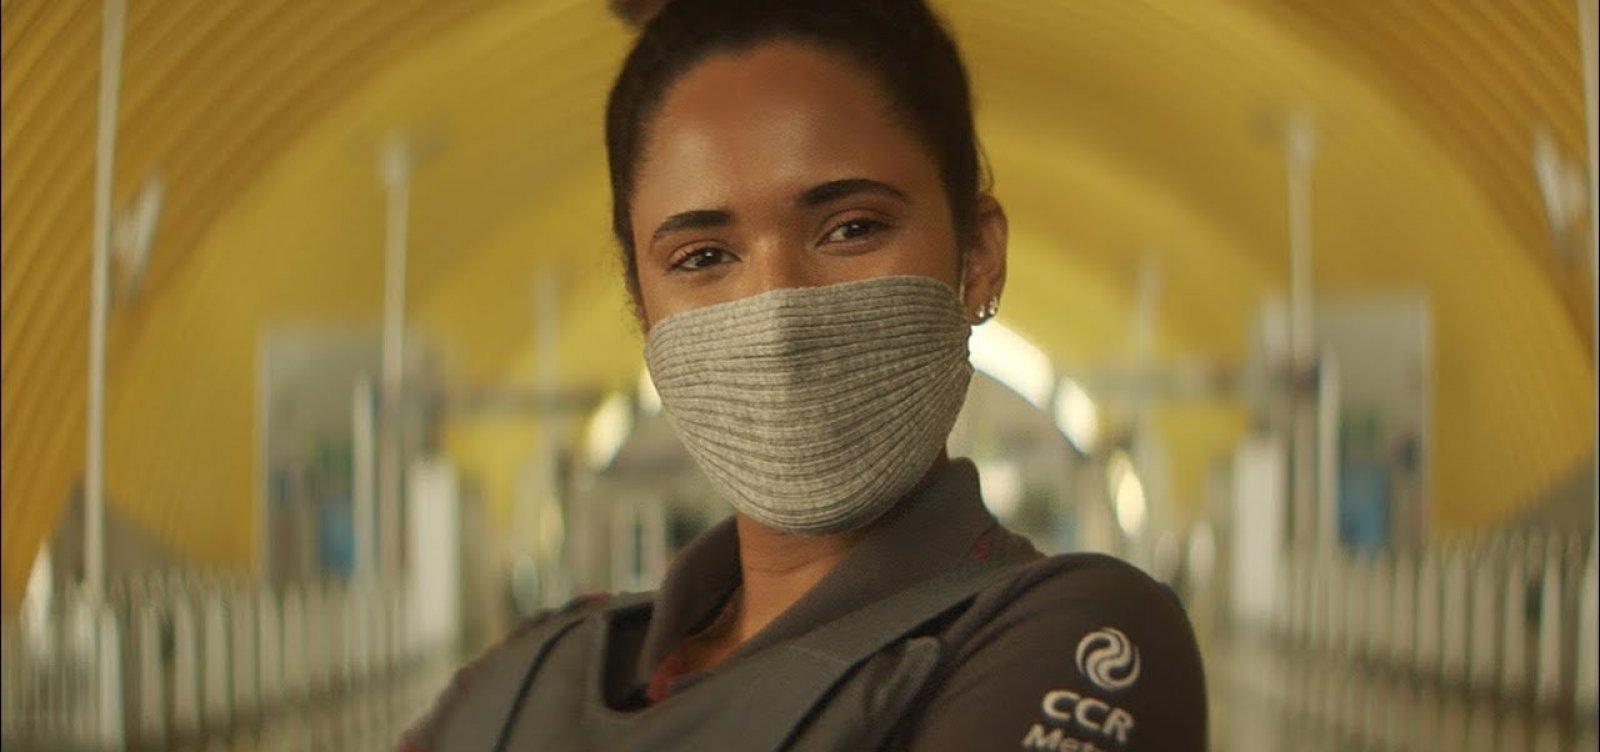 [CCR usa máscara condenada pela comunidade científica em propaganda]